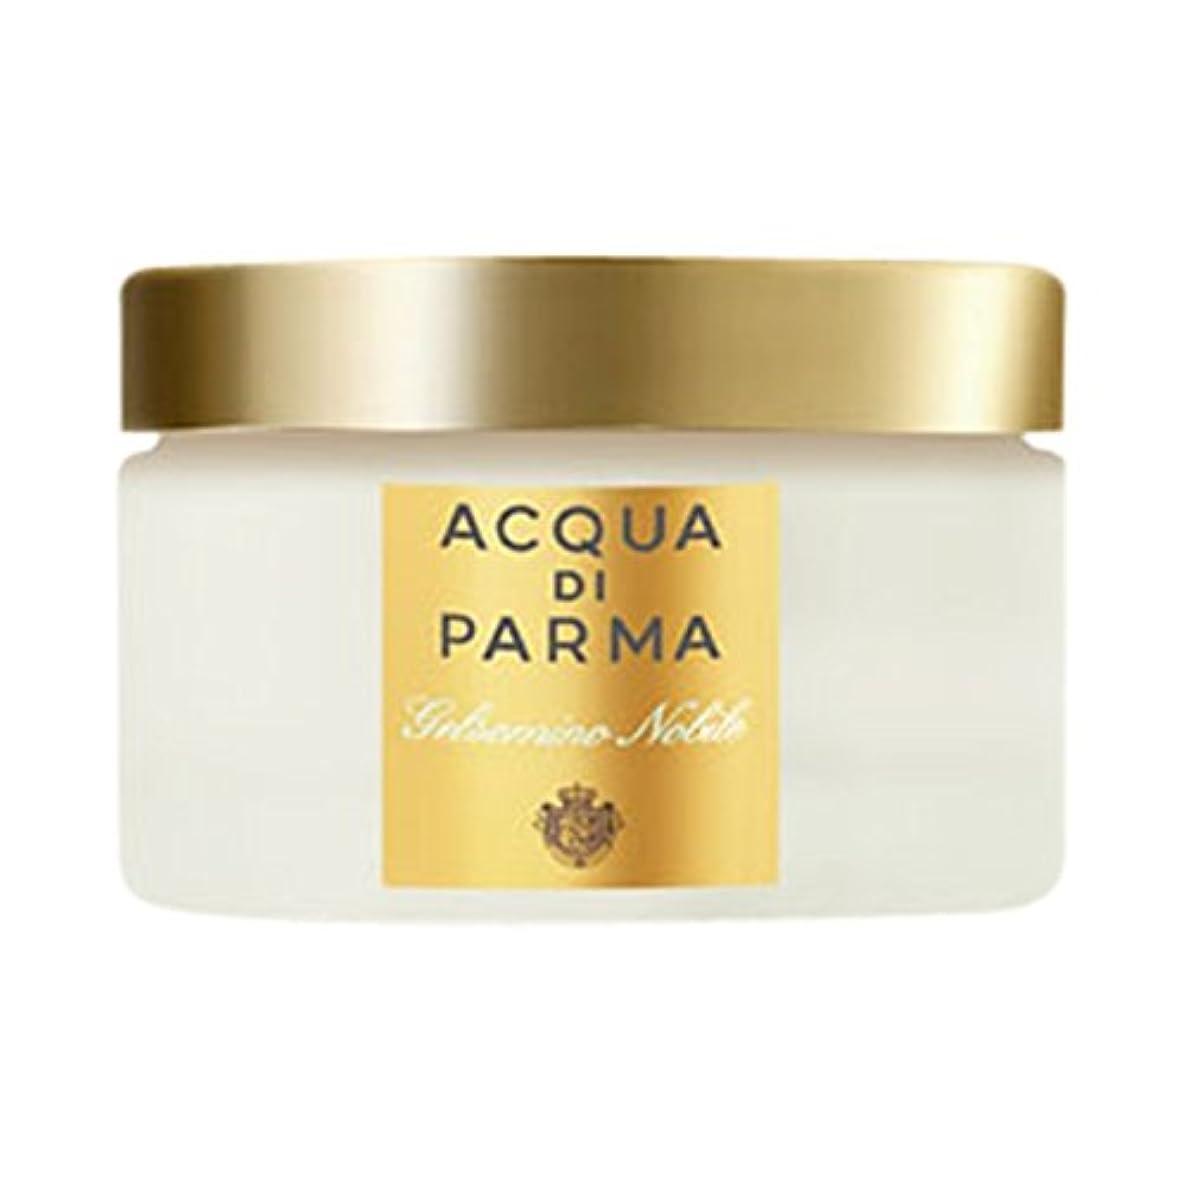 サーキュレーション攻撃的唯物論アクア?ディ?パルマGelsominoノビルボディクリーム150ミリリットル (Acqua di Parma) - Acqua di Parma Gelsomino Nobile Body Cream 150ml [並行輸入品]